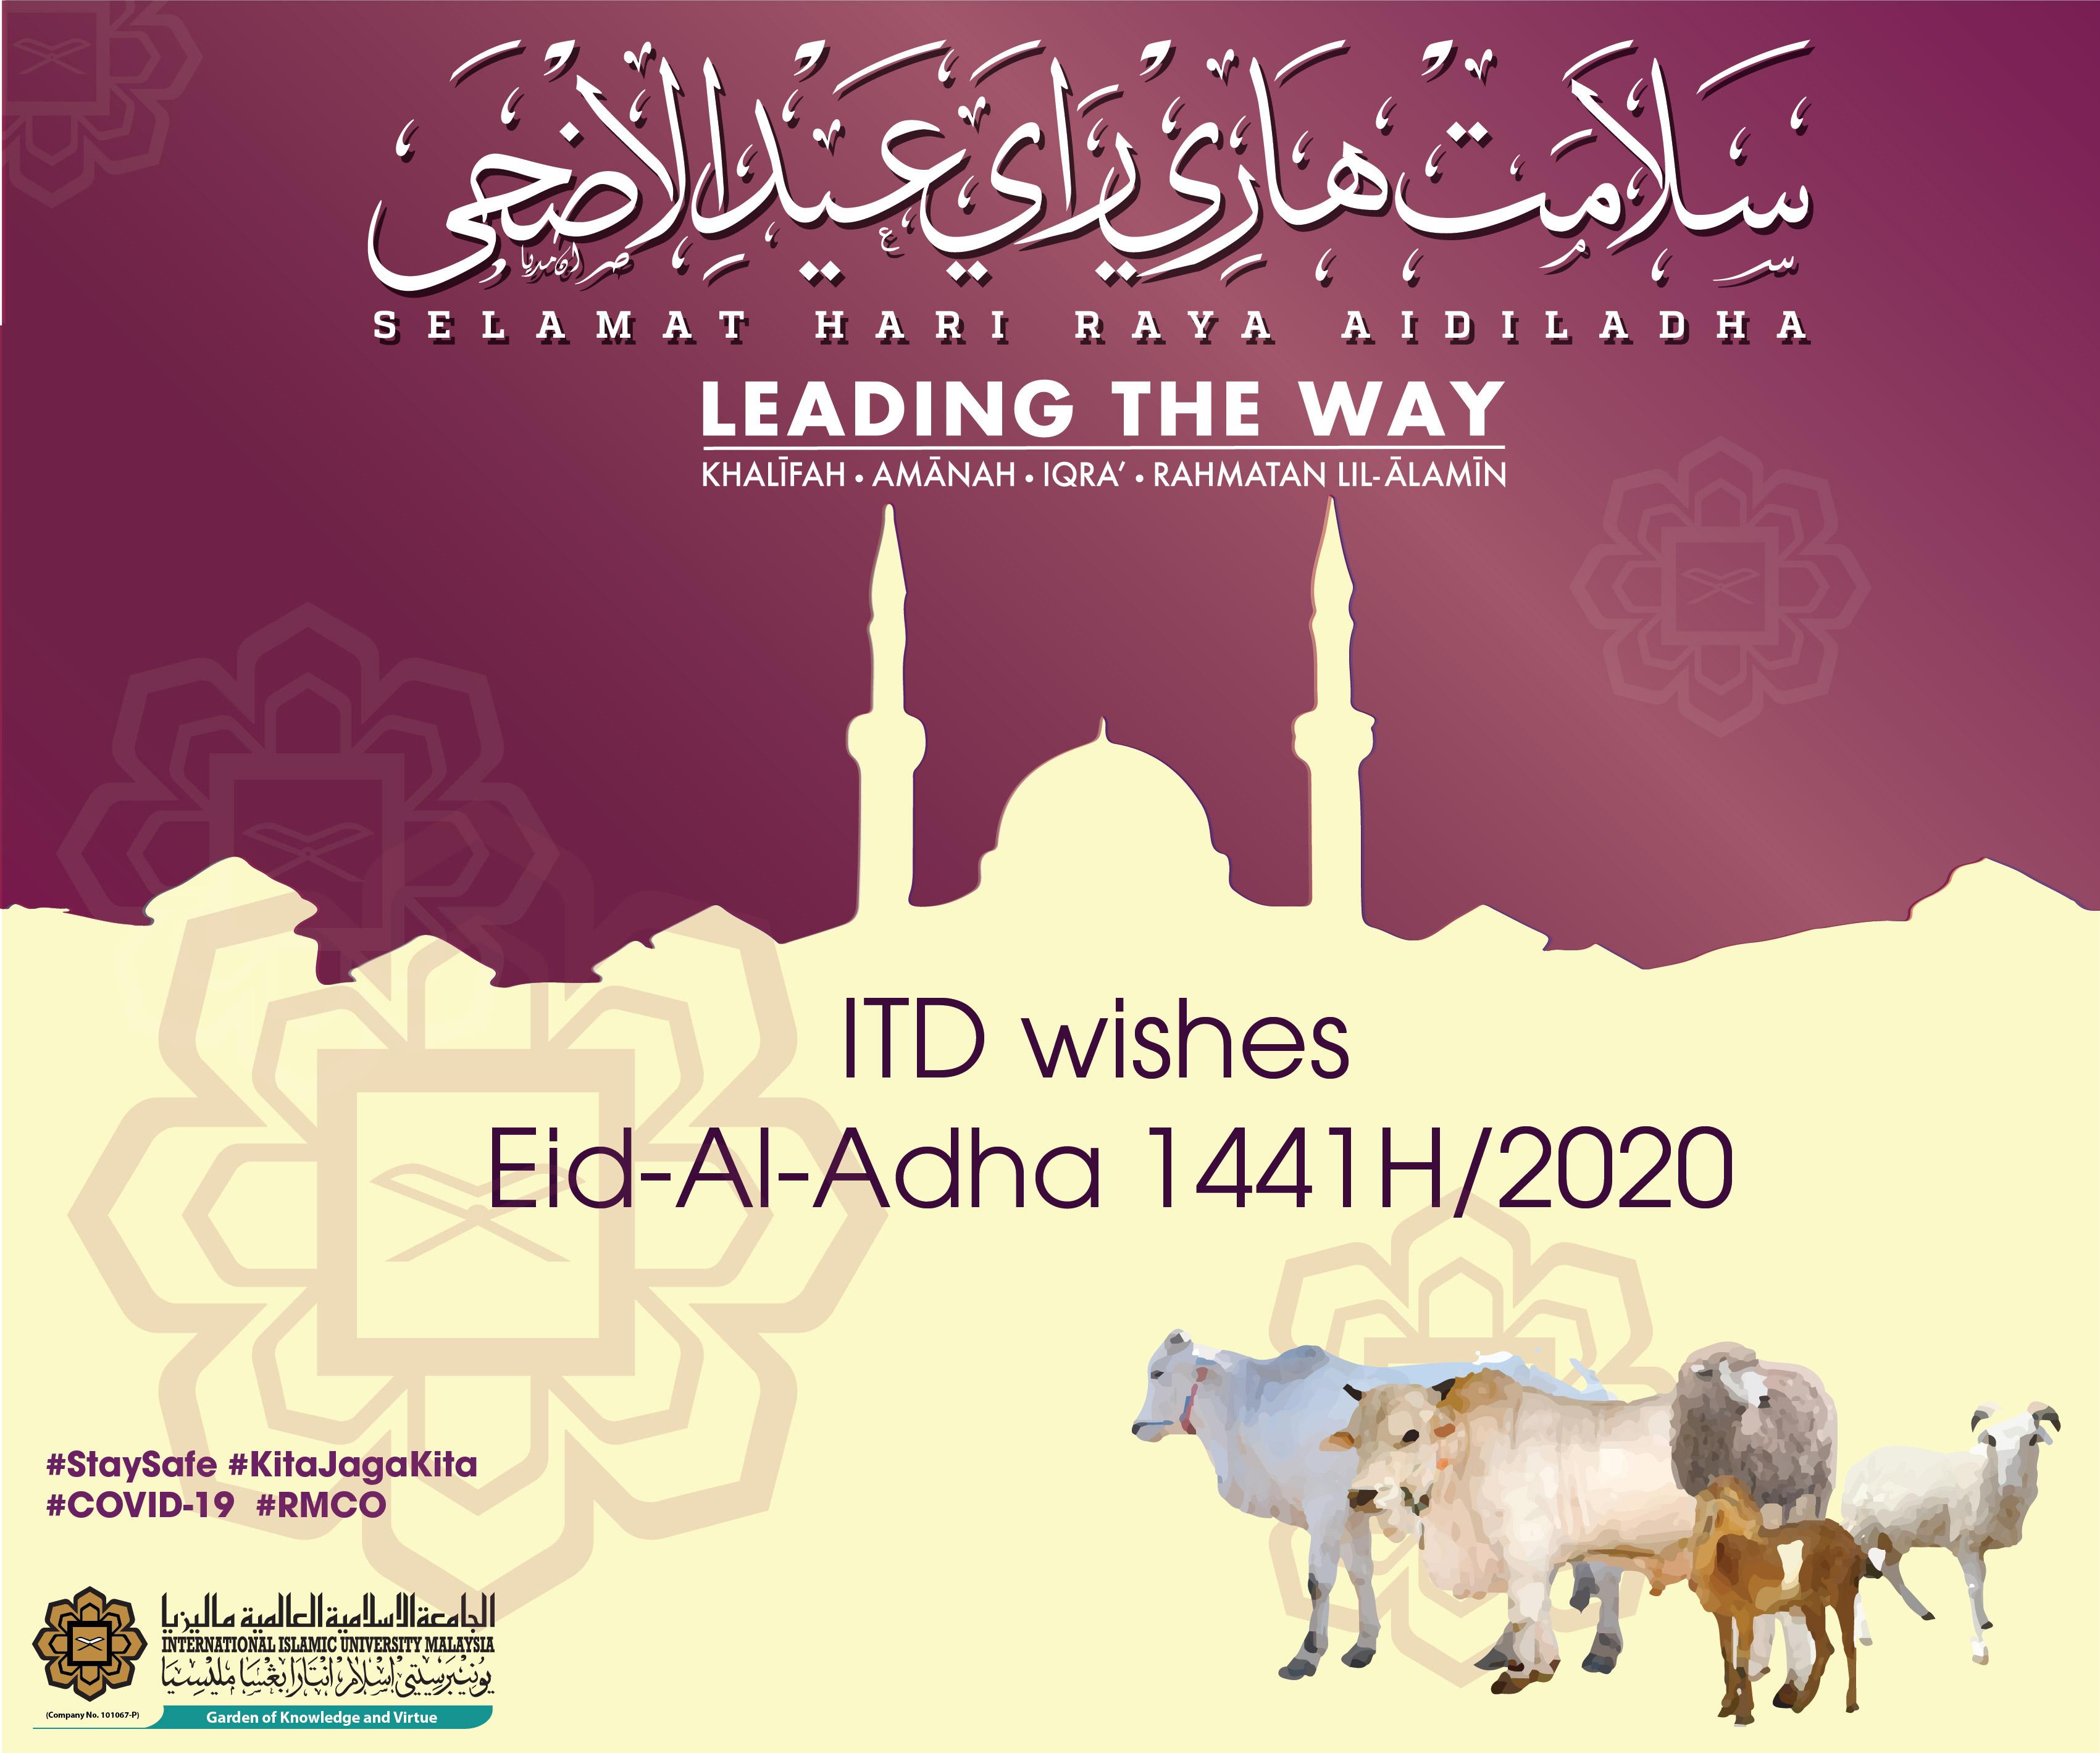 Eid-Al-Adha 2020/1441H